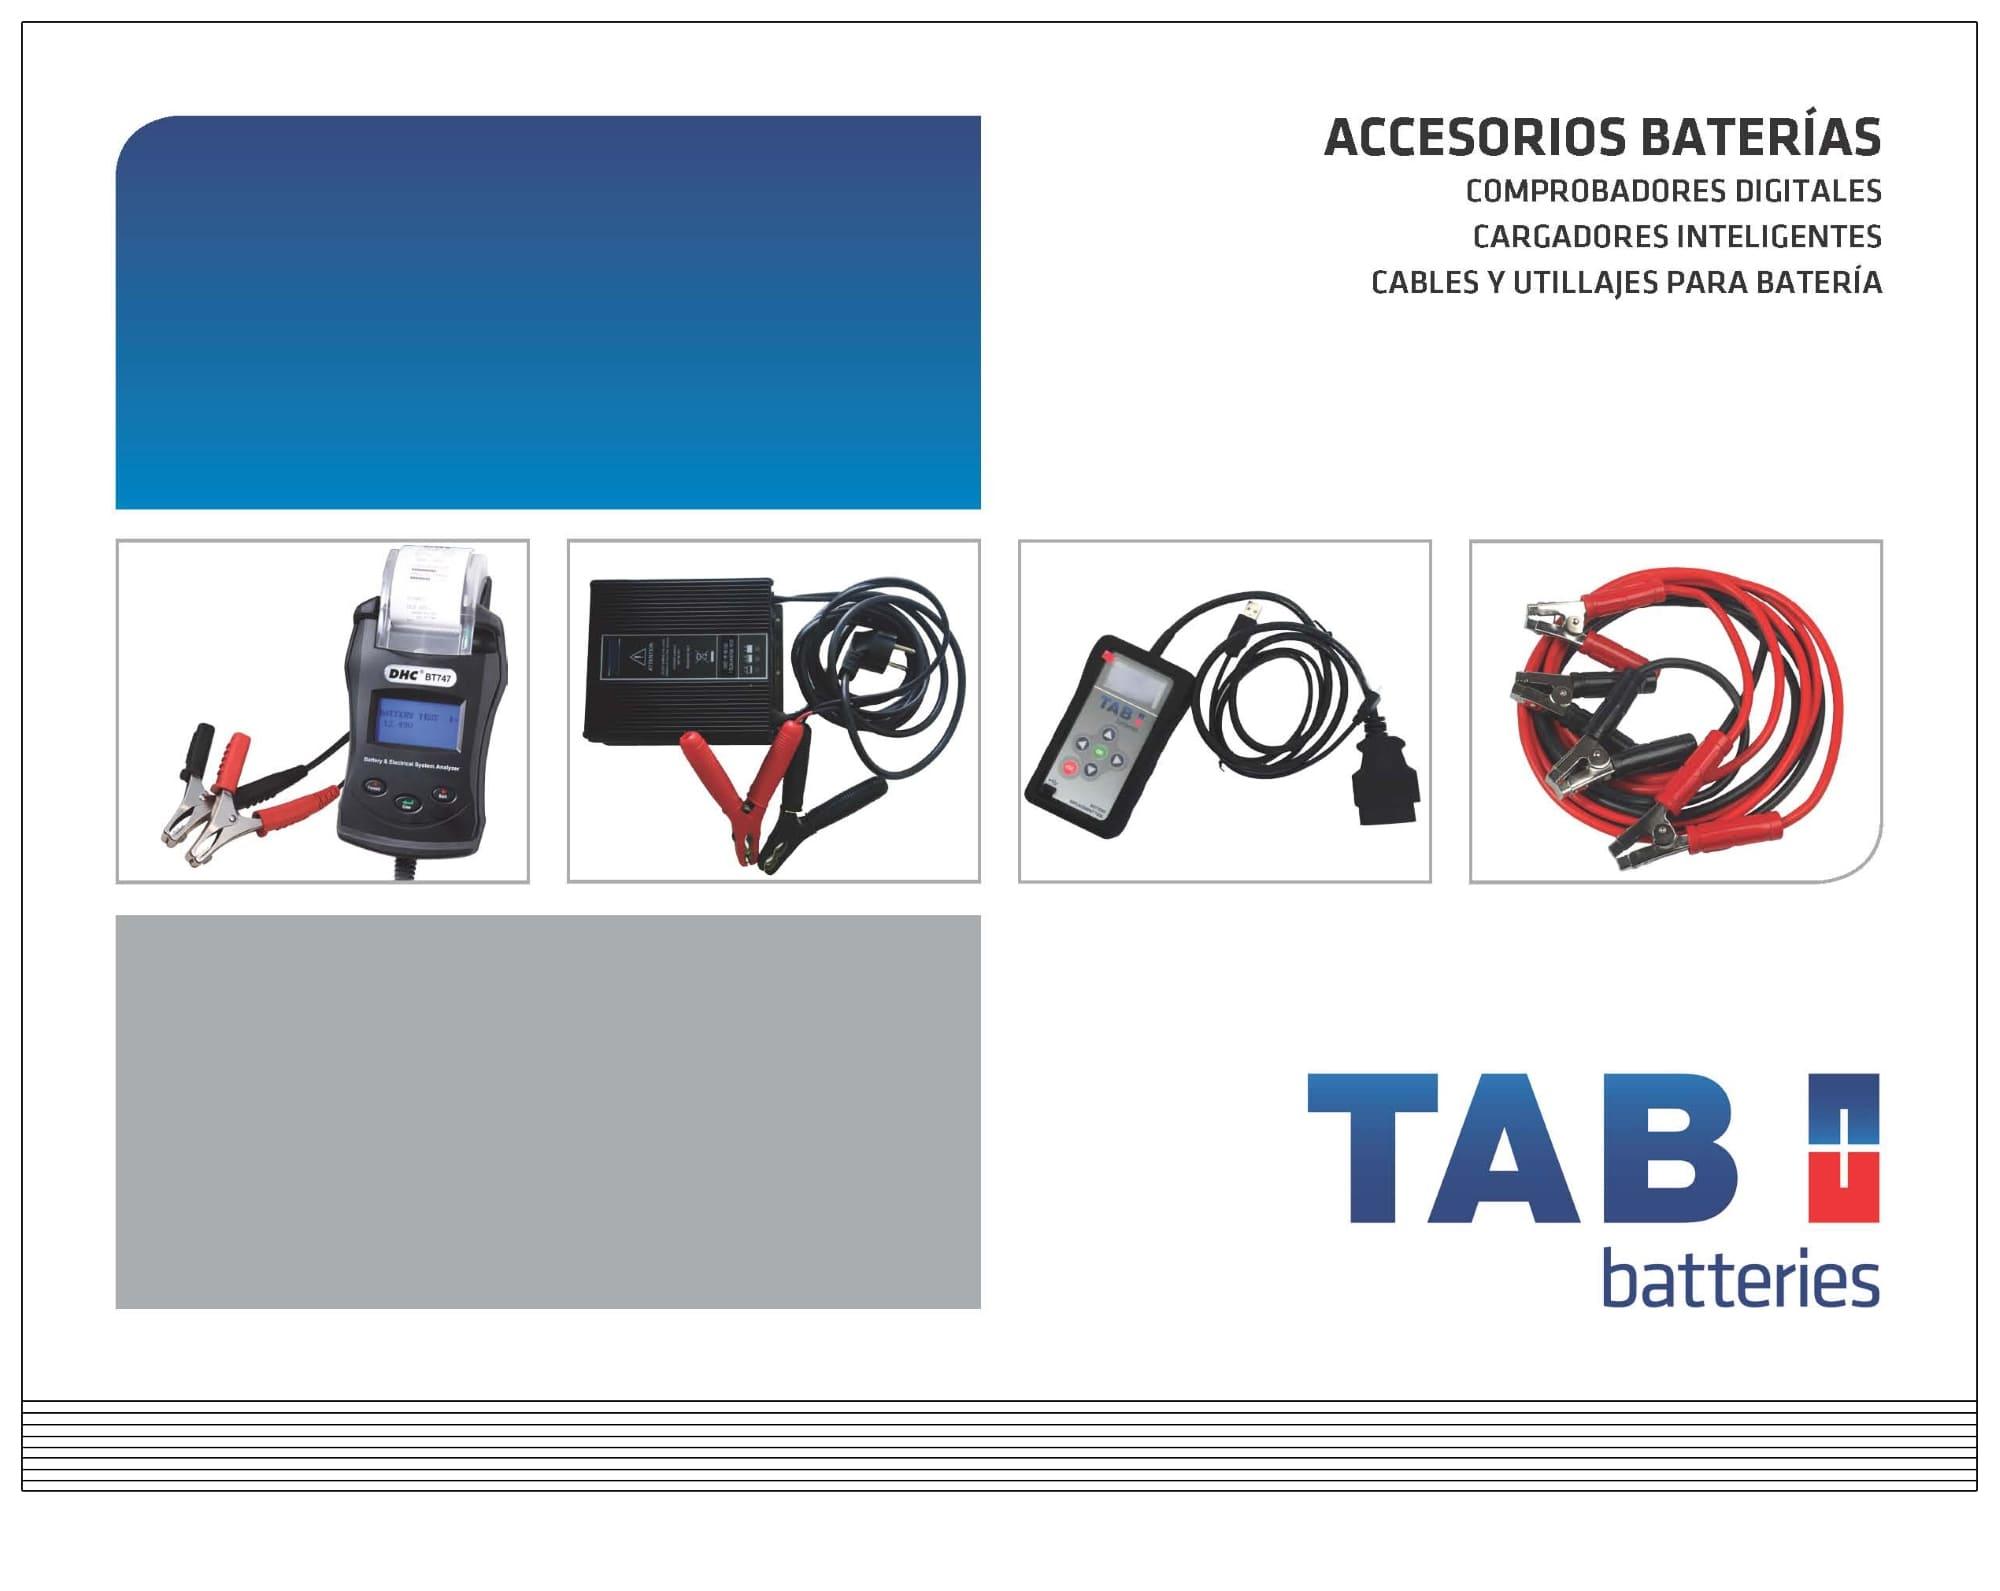 Tab batteries presenta su nuevo cat logo de accesorios for Catalogo de accesorios